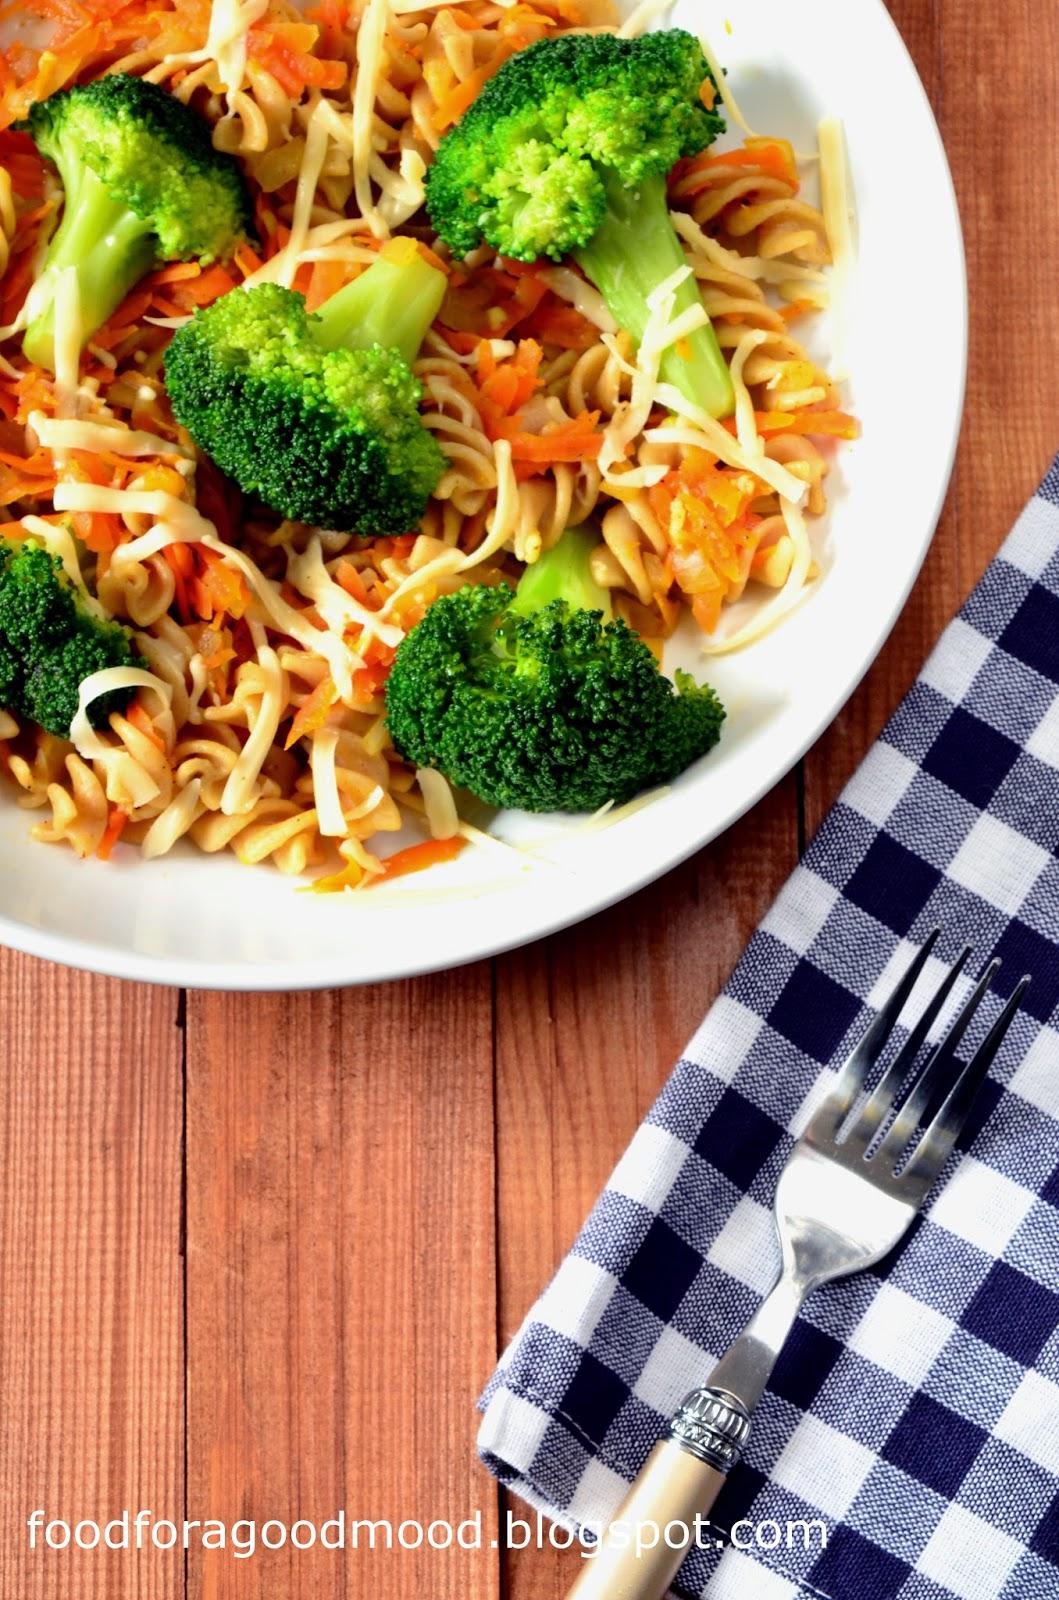 Zdrowo, pożywnie, a do tego smacznie. Takie właśnie jest to wegetariańskie danie. Pełnoziarnisty makaron zapewni na długo uczucie sytości, a warzywa dostarczą porcji witamin. Odrobina czosnku i rozpuszczony żółty ser wieńczą dzieło. Amatorom mięsa polecam wkładkę np. z piersi kurczaka lub indyka.